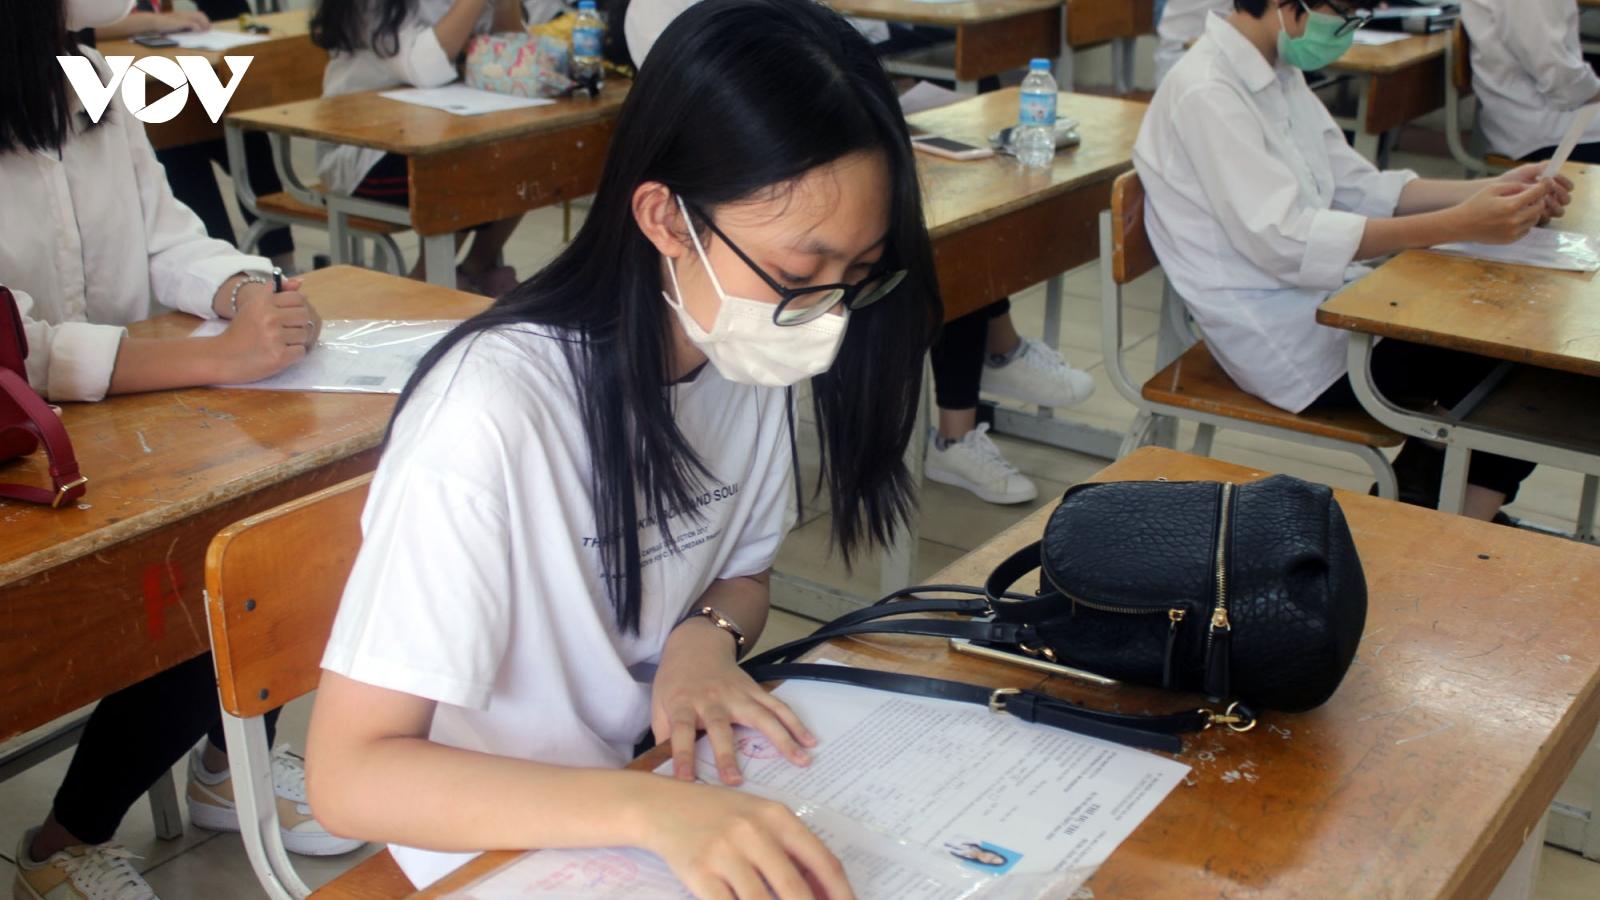 Kiến nghị dạy thêm văn hóa bậc THPT tại các cơ sở giáo dục nghề nghiệp